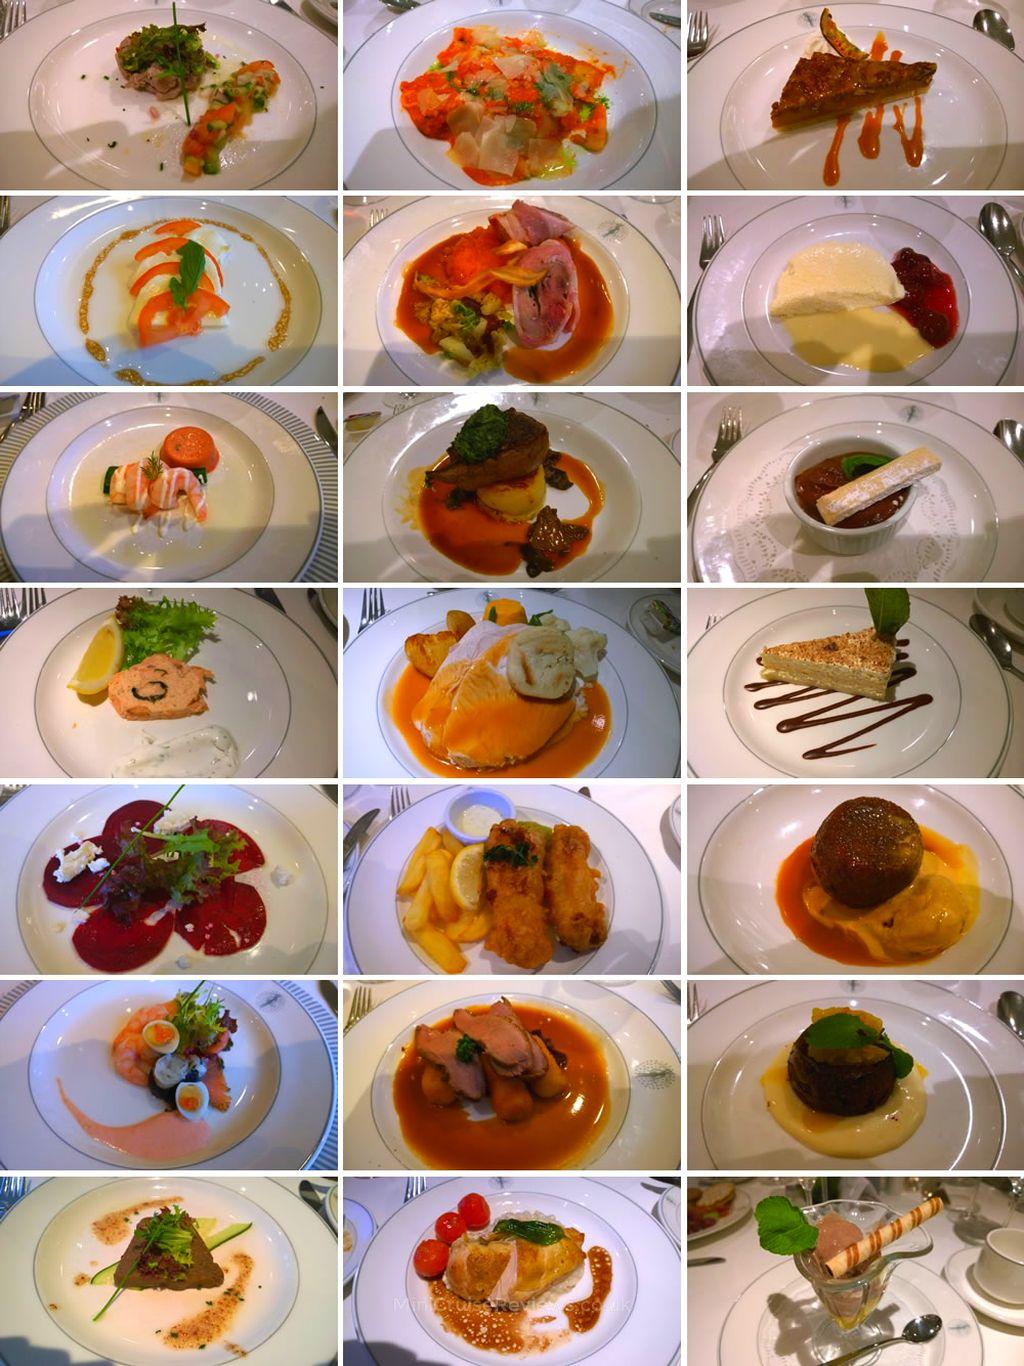 Dinner on Fred Olsen's Balmoral